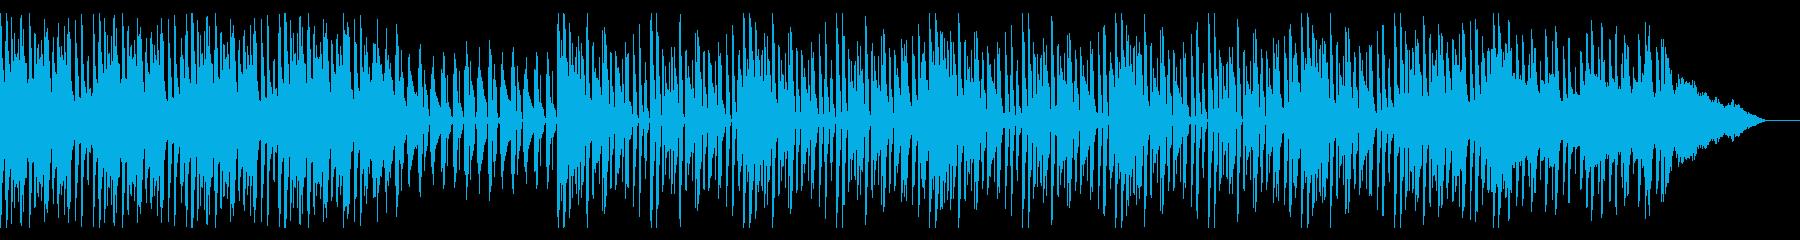 バイオリンメインのトラップミュージックの再生済みの波形